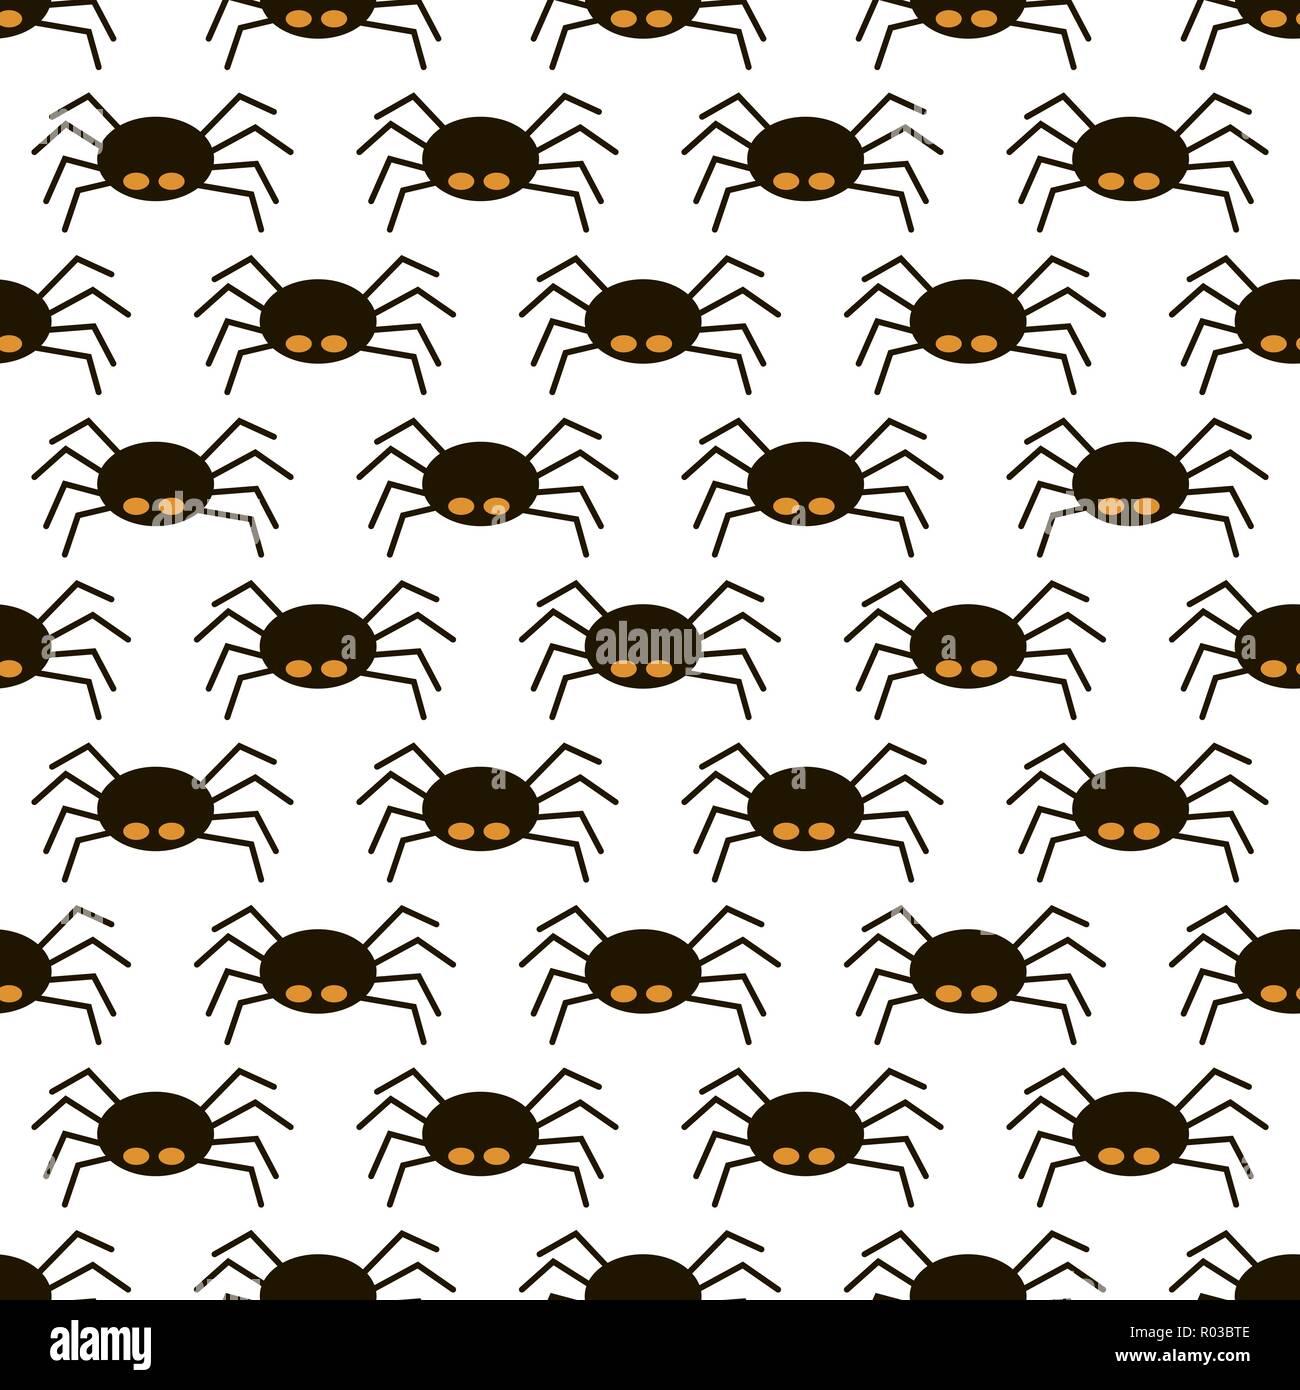 Big Black Spider Imágenes De Stock & Big Black Spider Fotos De Stock ...